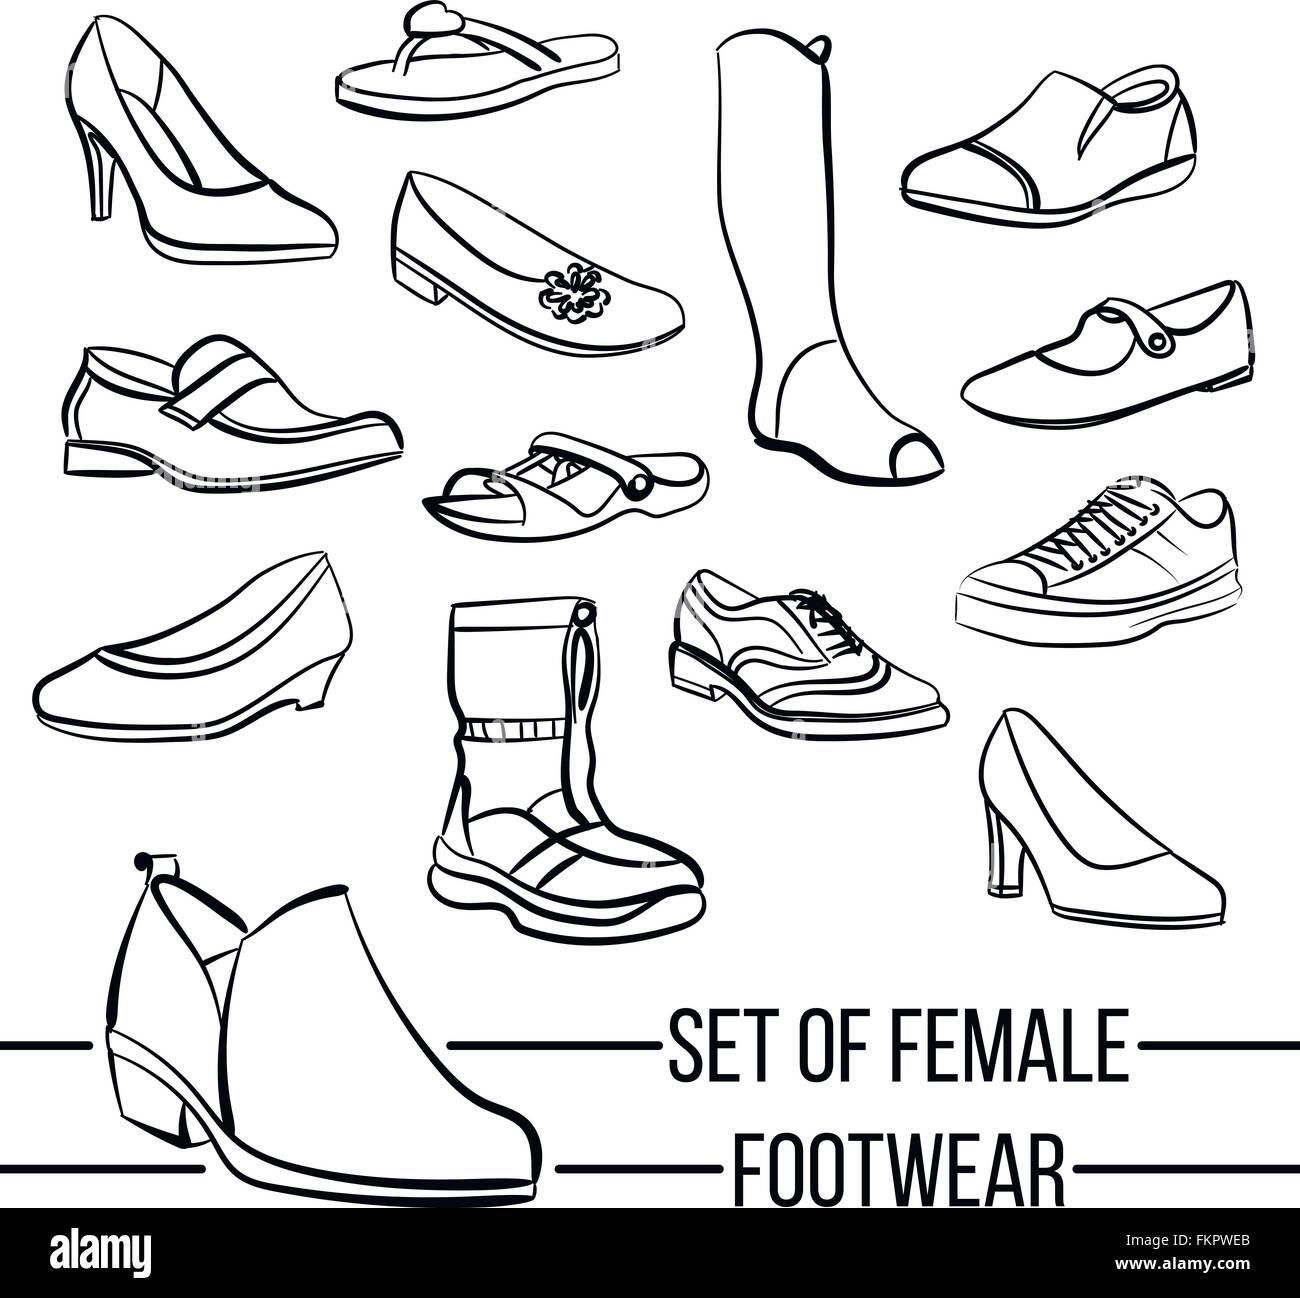 Satz Des Vektors Damen Schuhe Linien Gezeichnet Vektor Abbildung